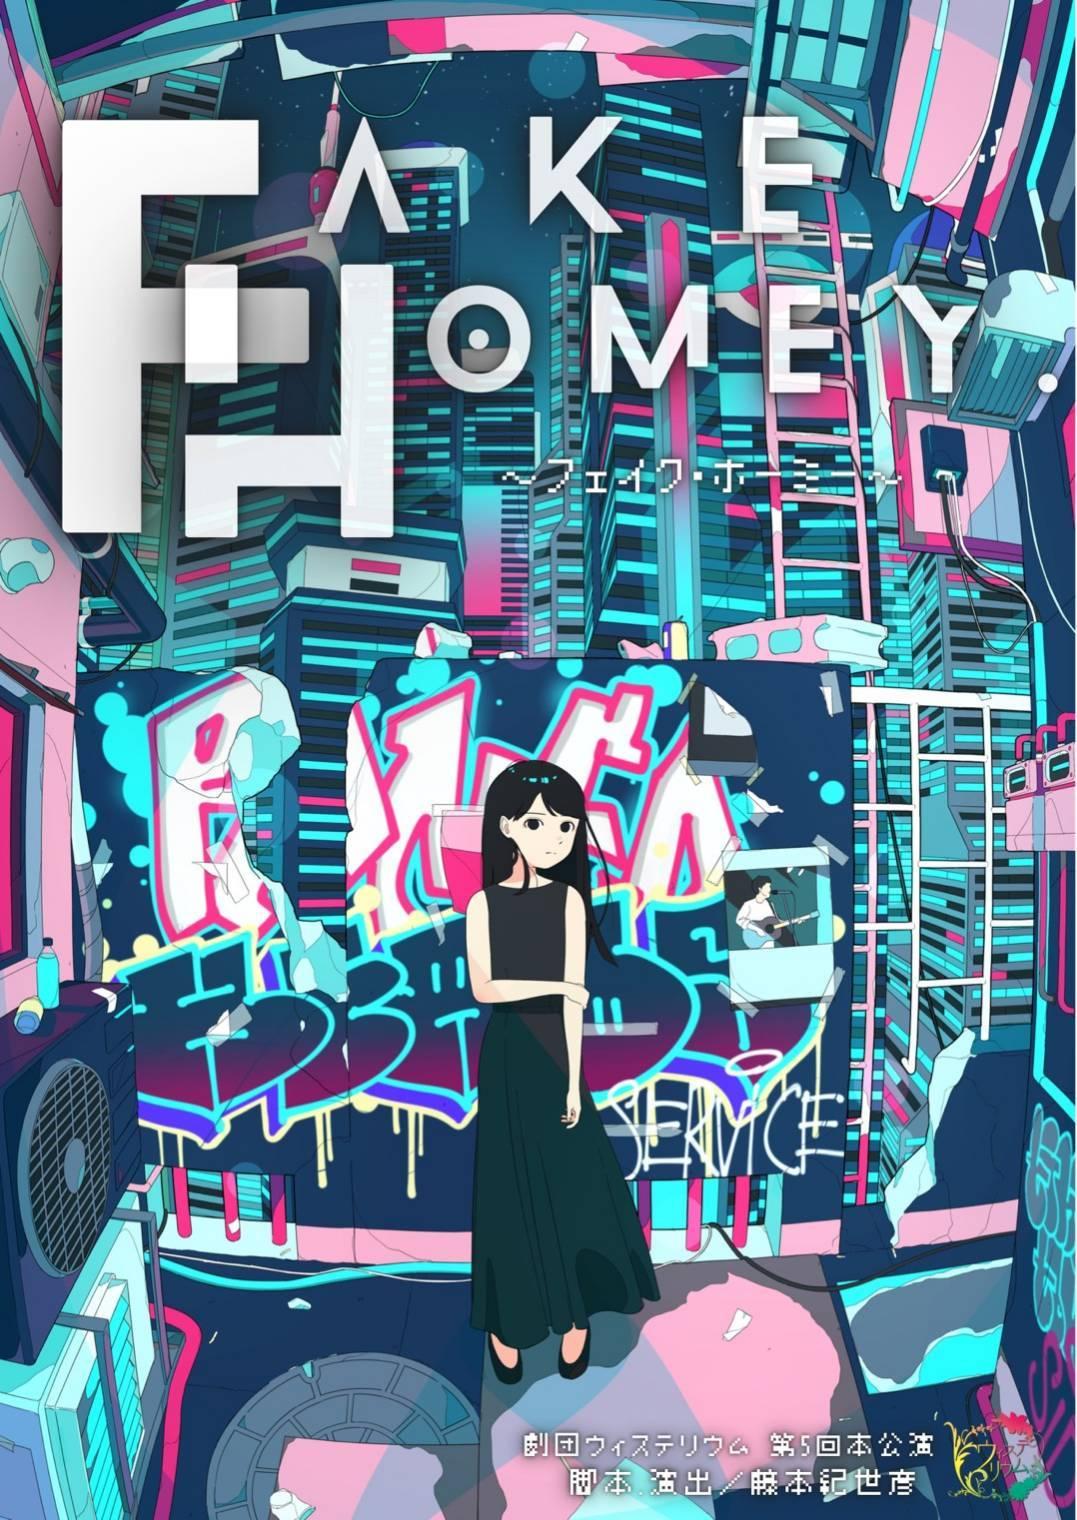 オーディション 劇団ウィステリウム 12月「FAKE HOMEY」出演者募集 AIを題材とした作品 主催:劇団ウィステリウム、カテゴリ:舞台